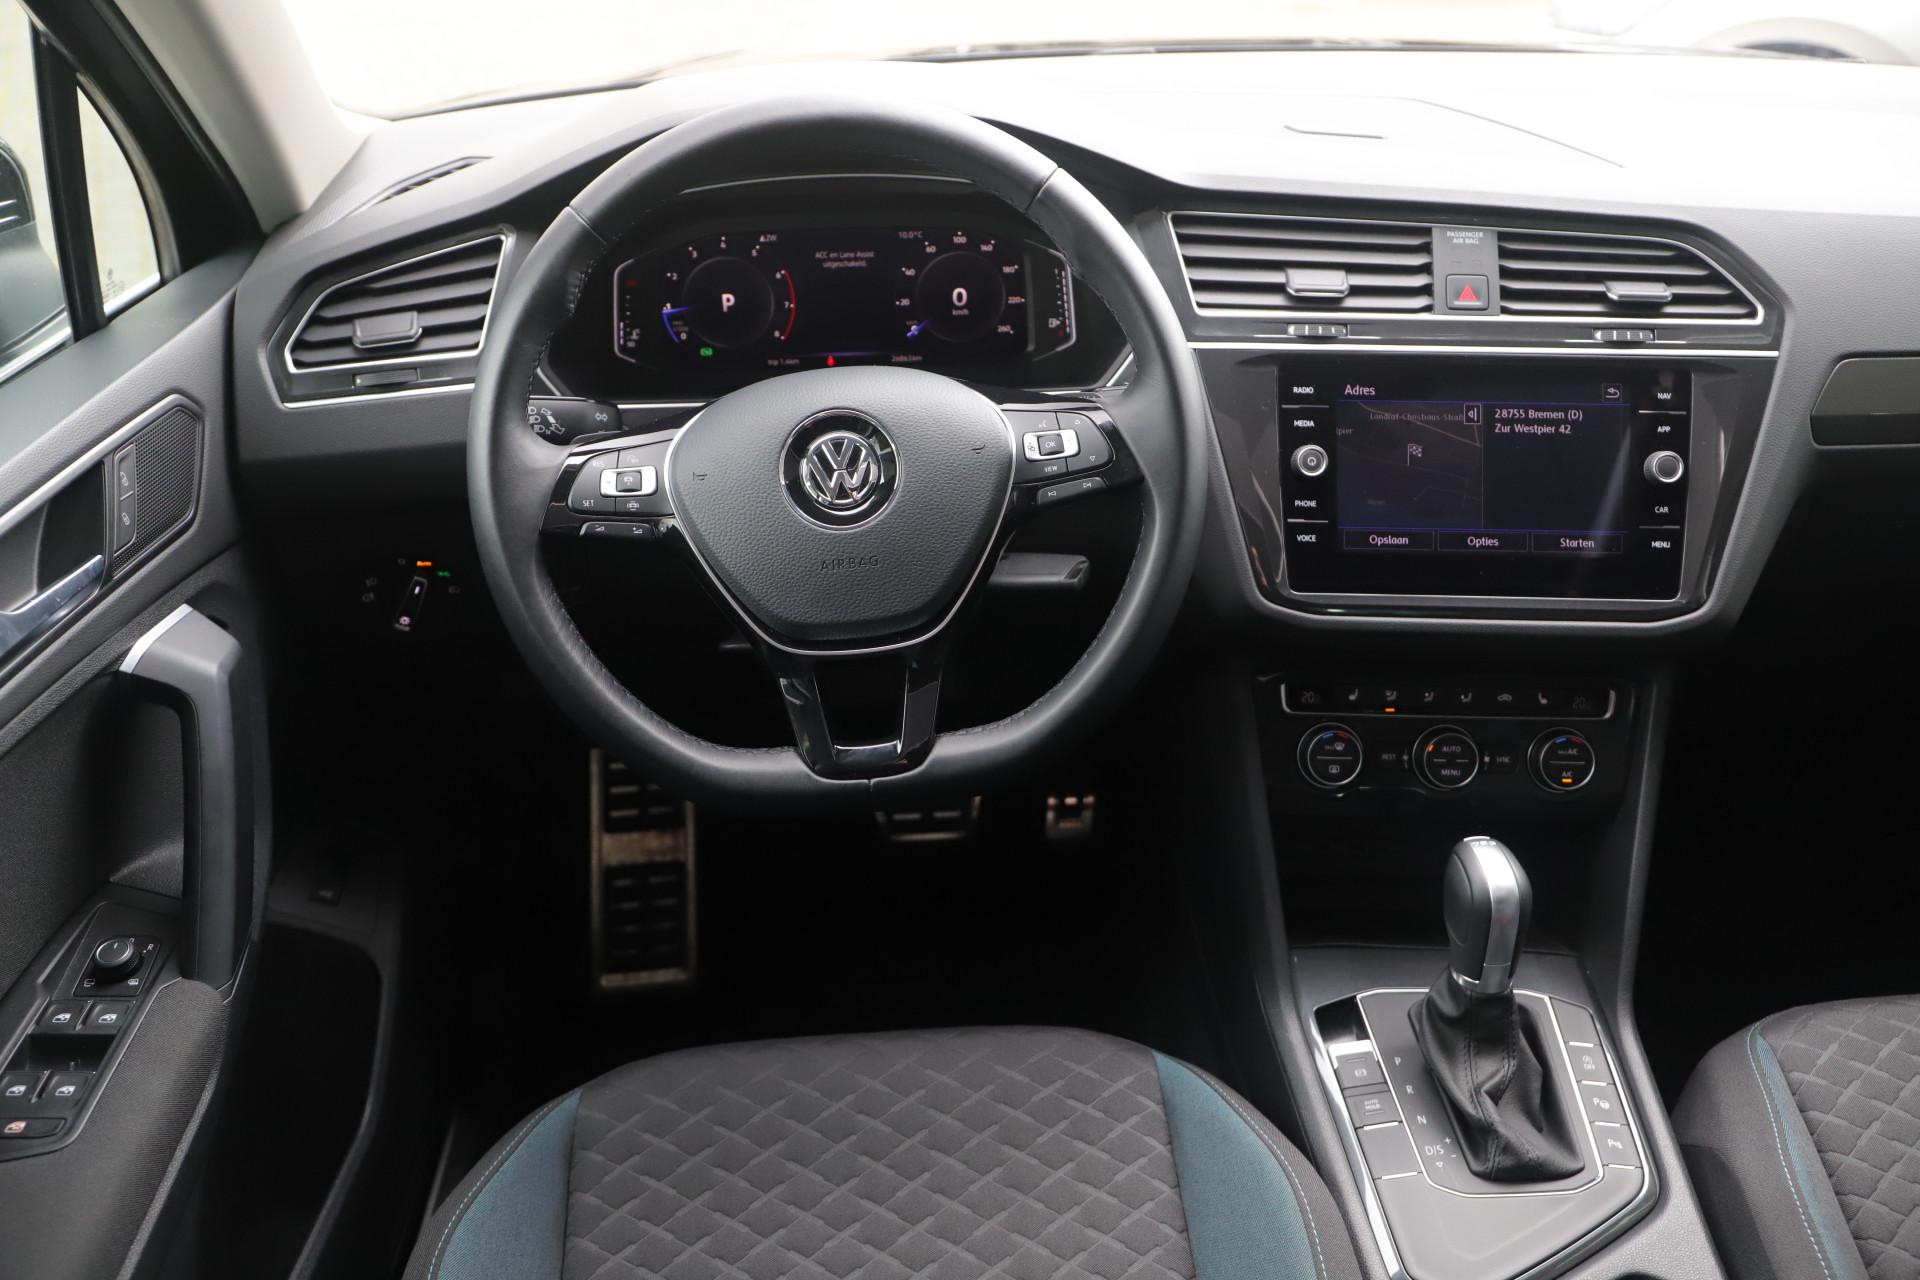 Tweedehands Volkswagen Tiguan R-Line occasion